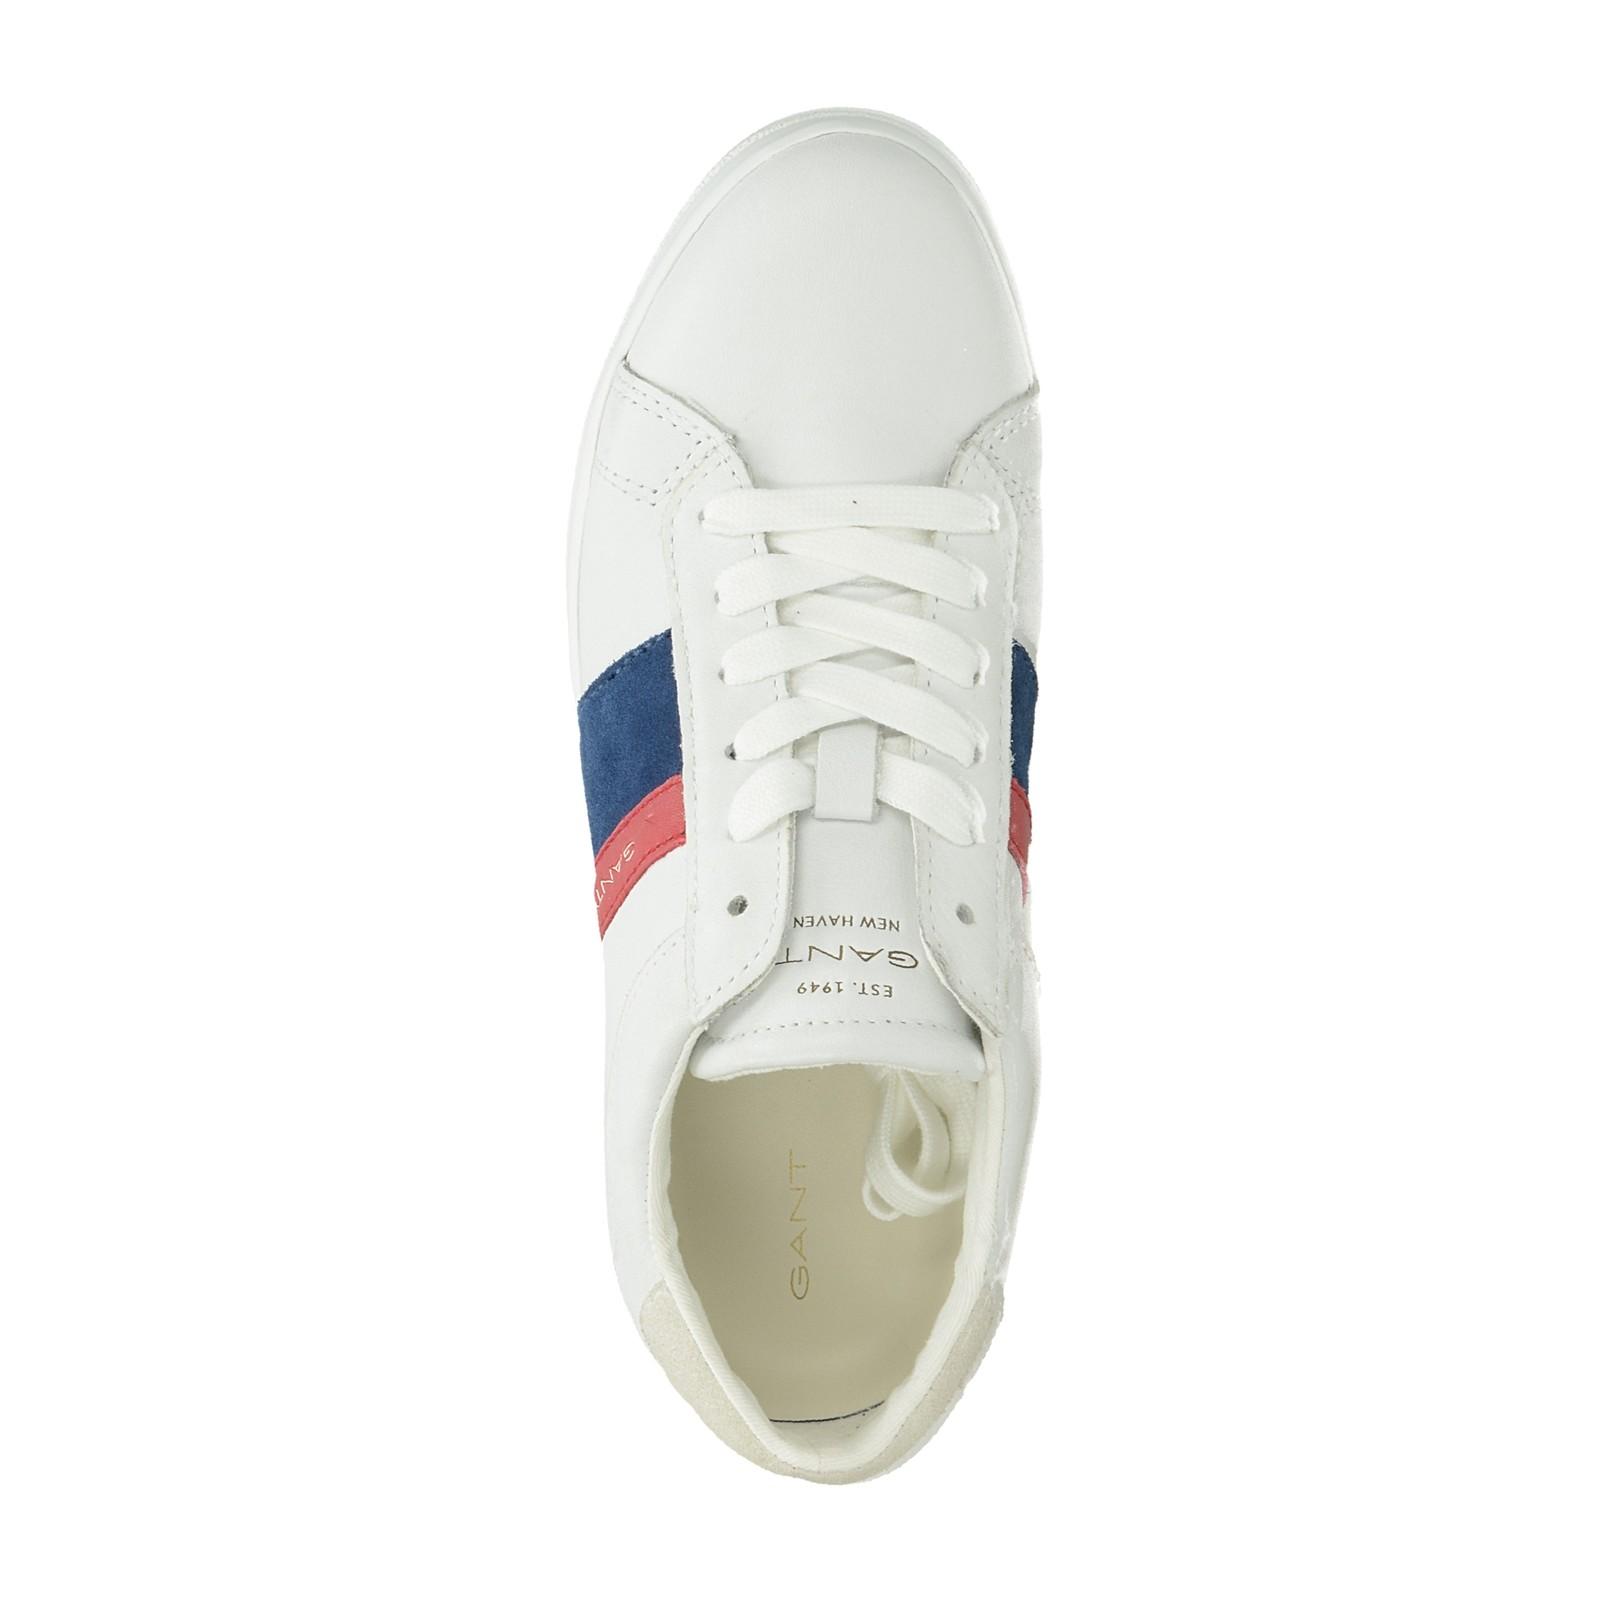 82fed37abf Gant dámske štýlové kožené tenisky - biele ...